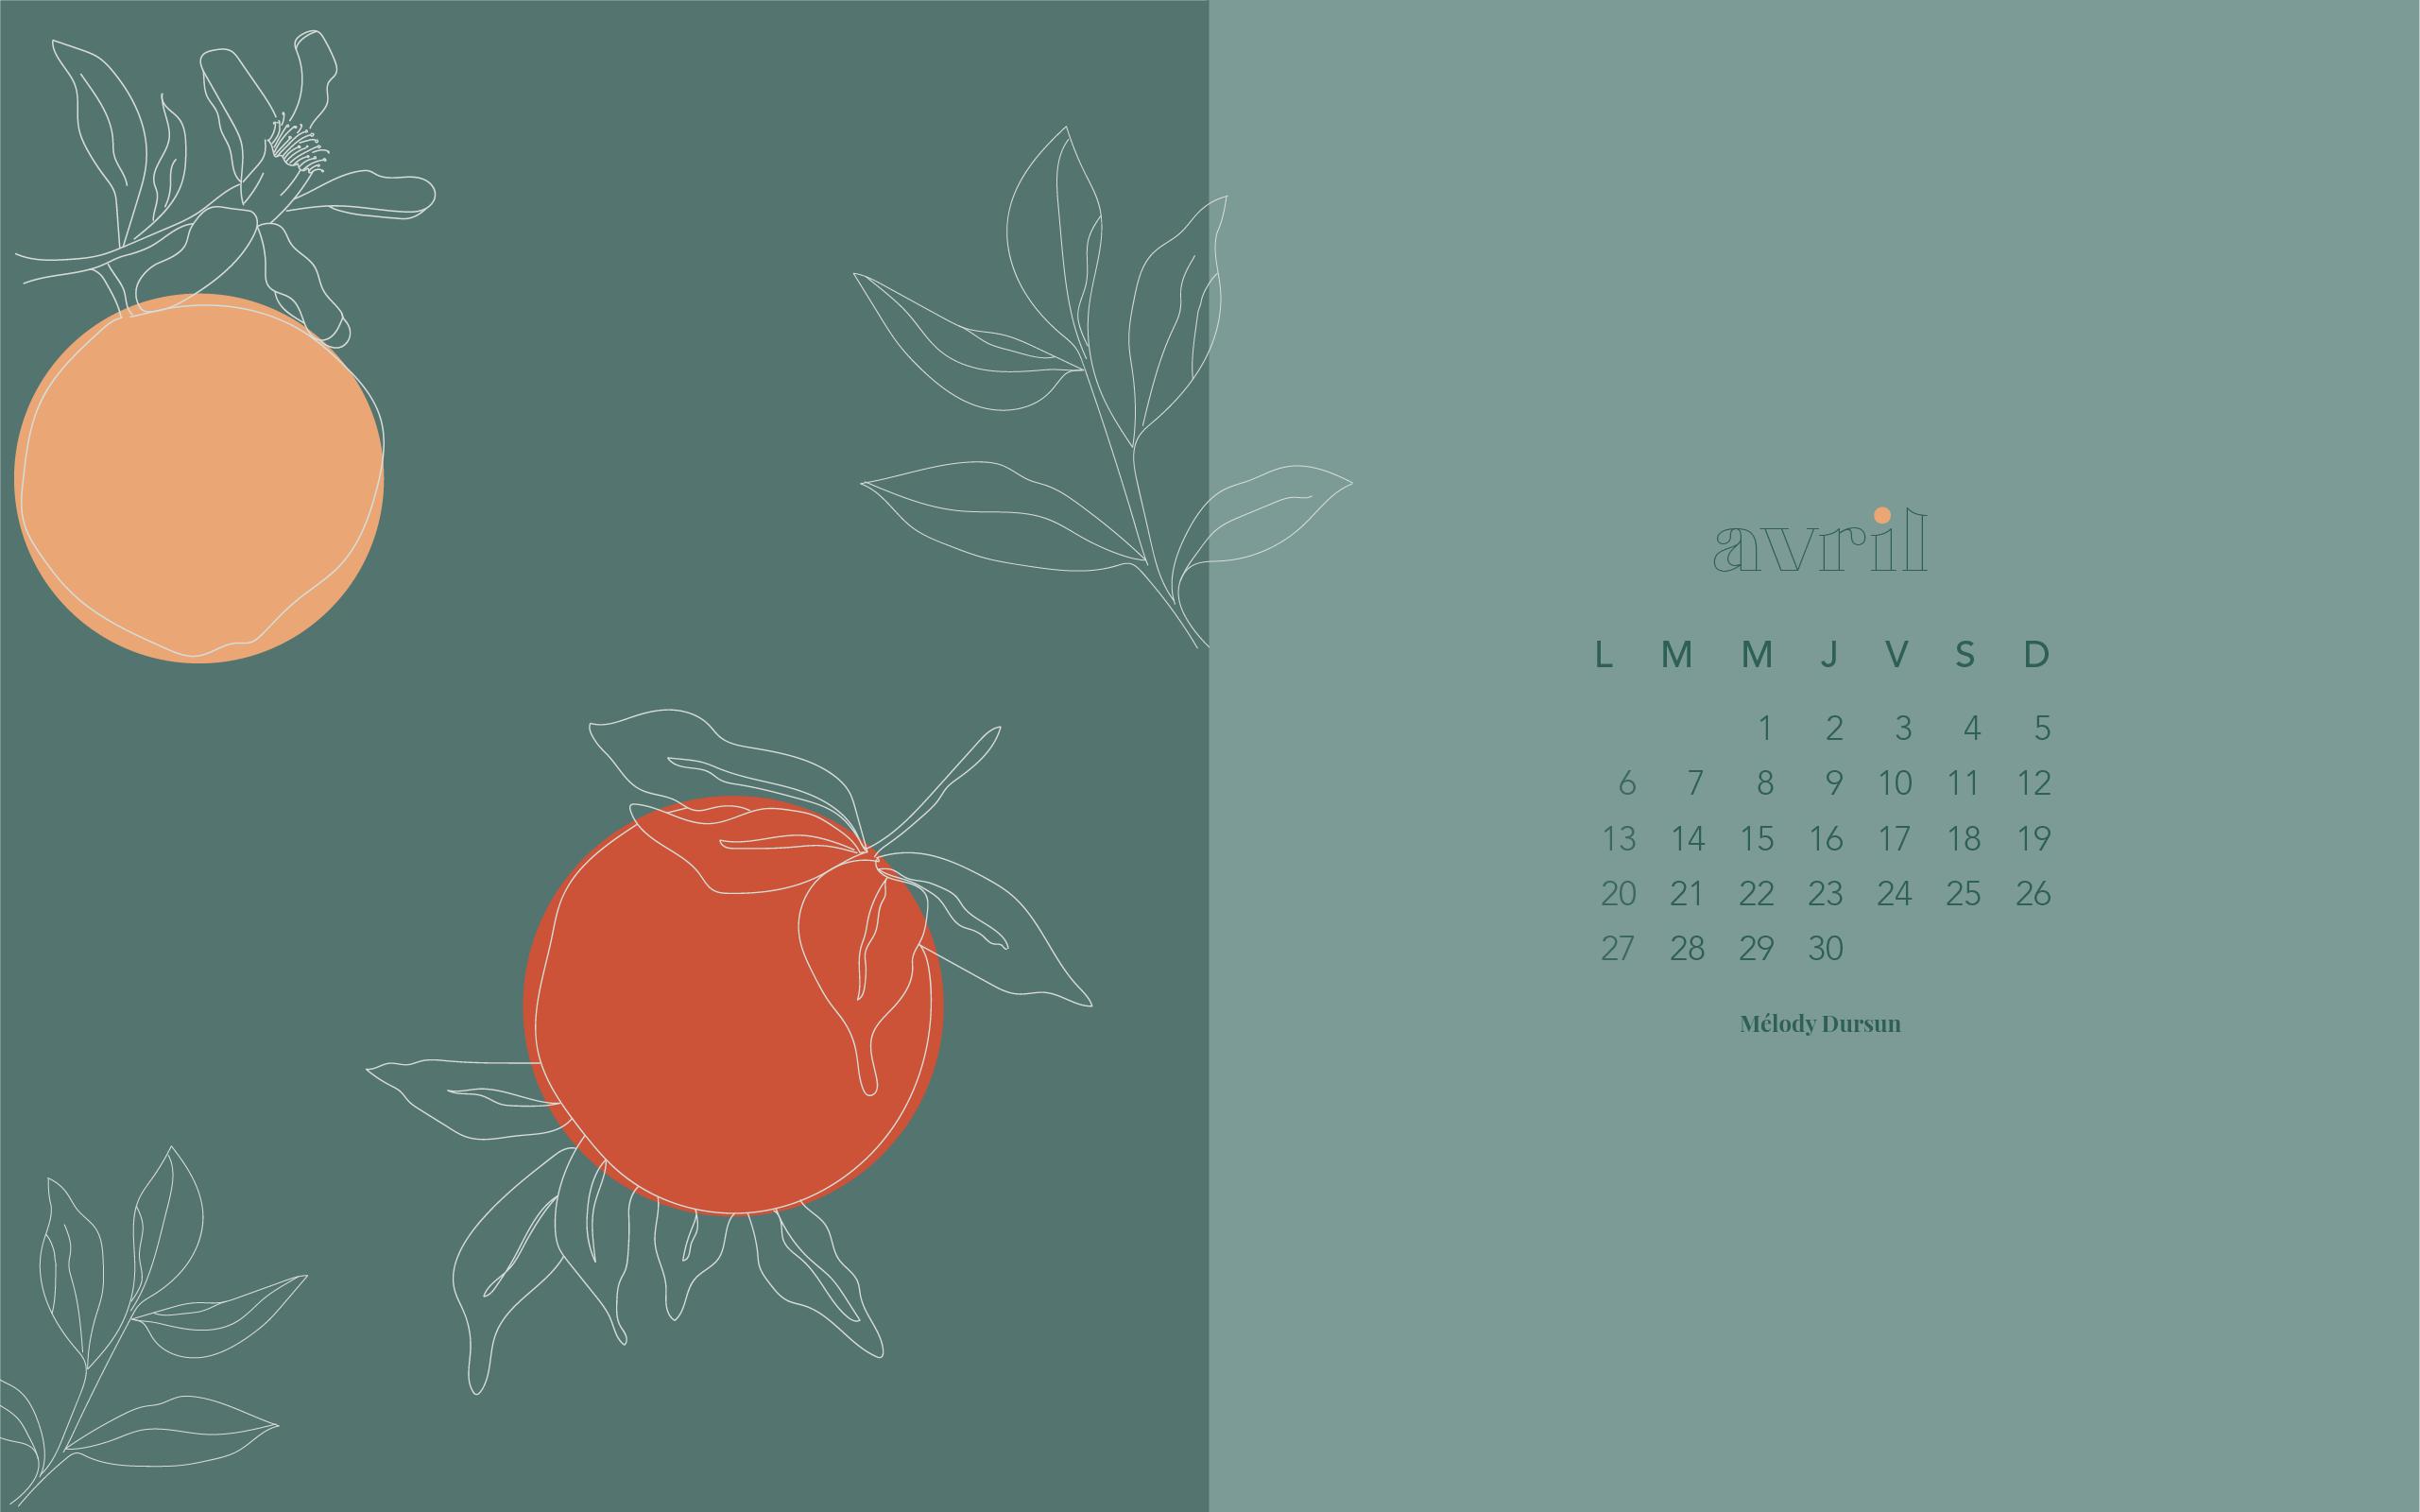 olecoeur-melodydursun-calendrier-avril2020_Desktop